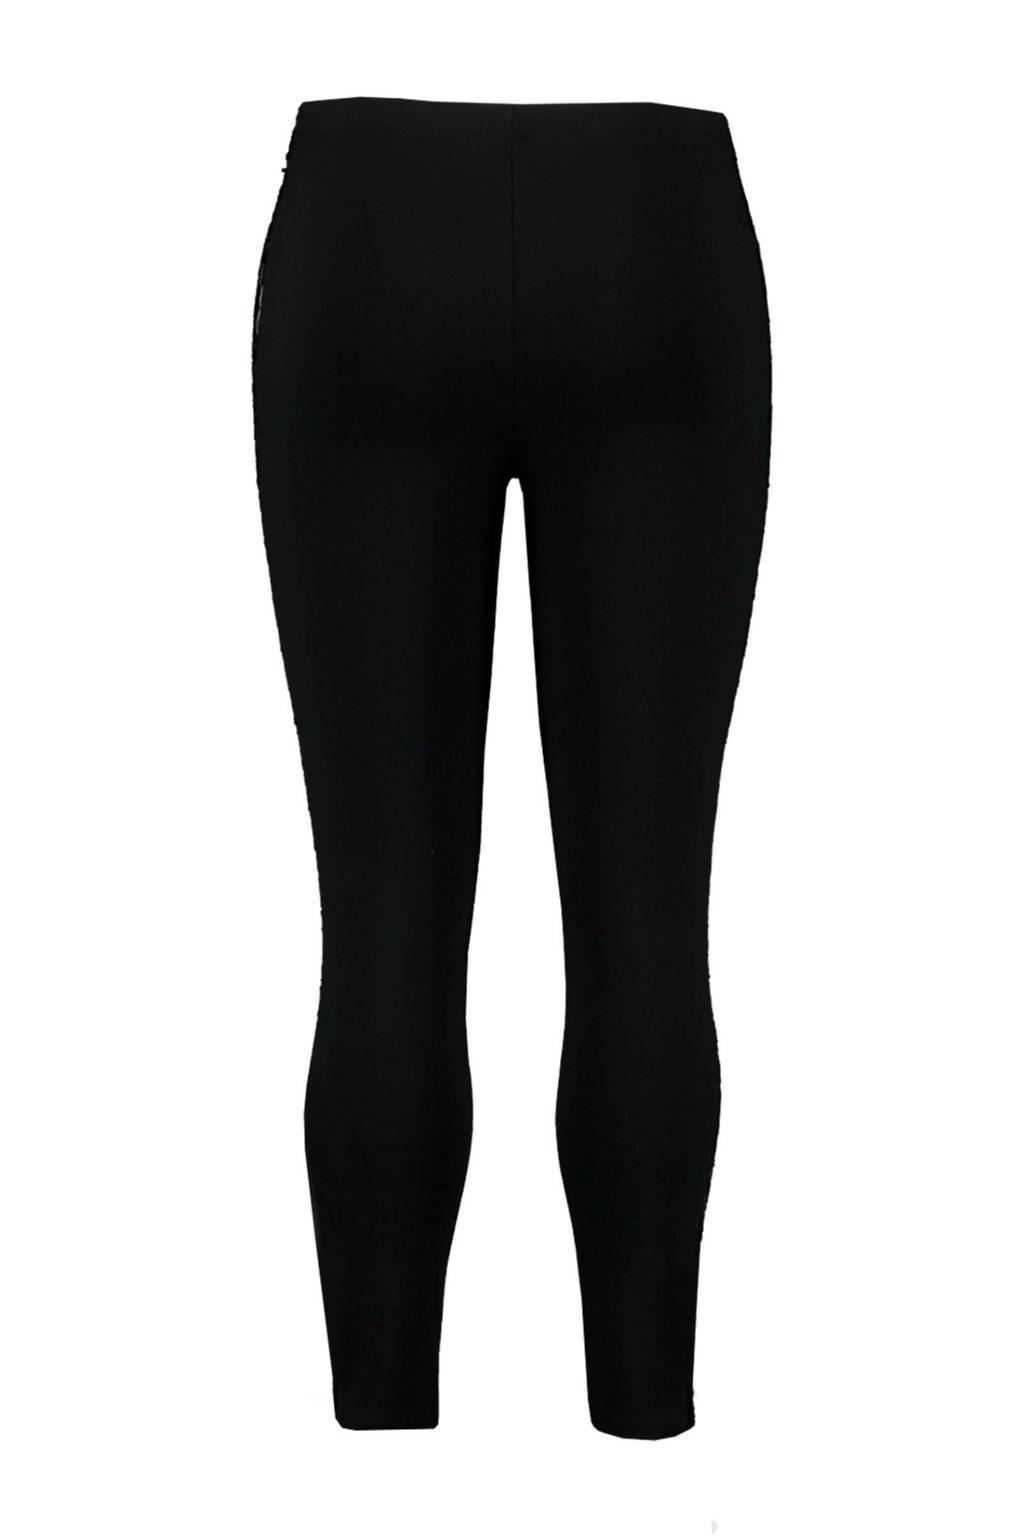 MS Mode legging met zijstreep zwart, Zwart